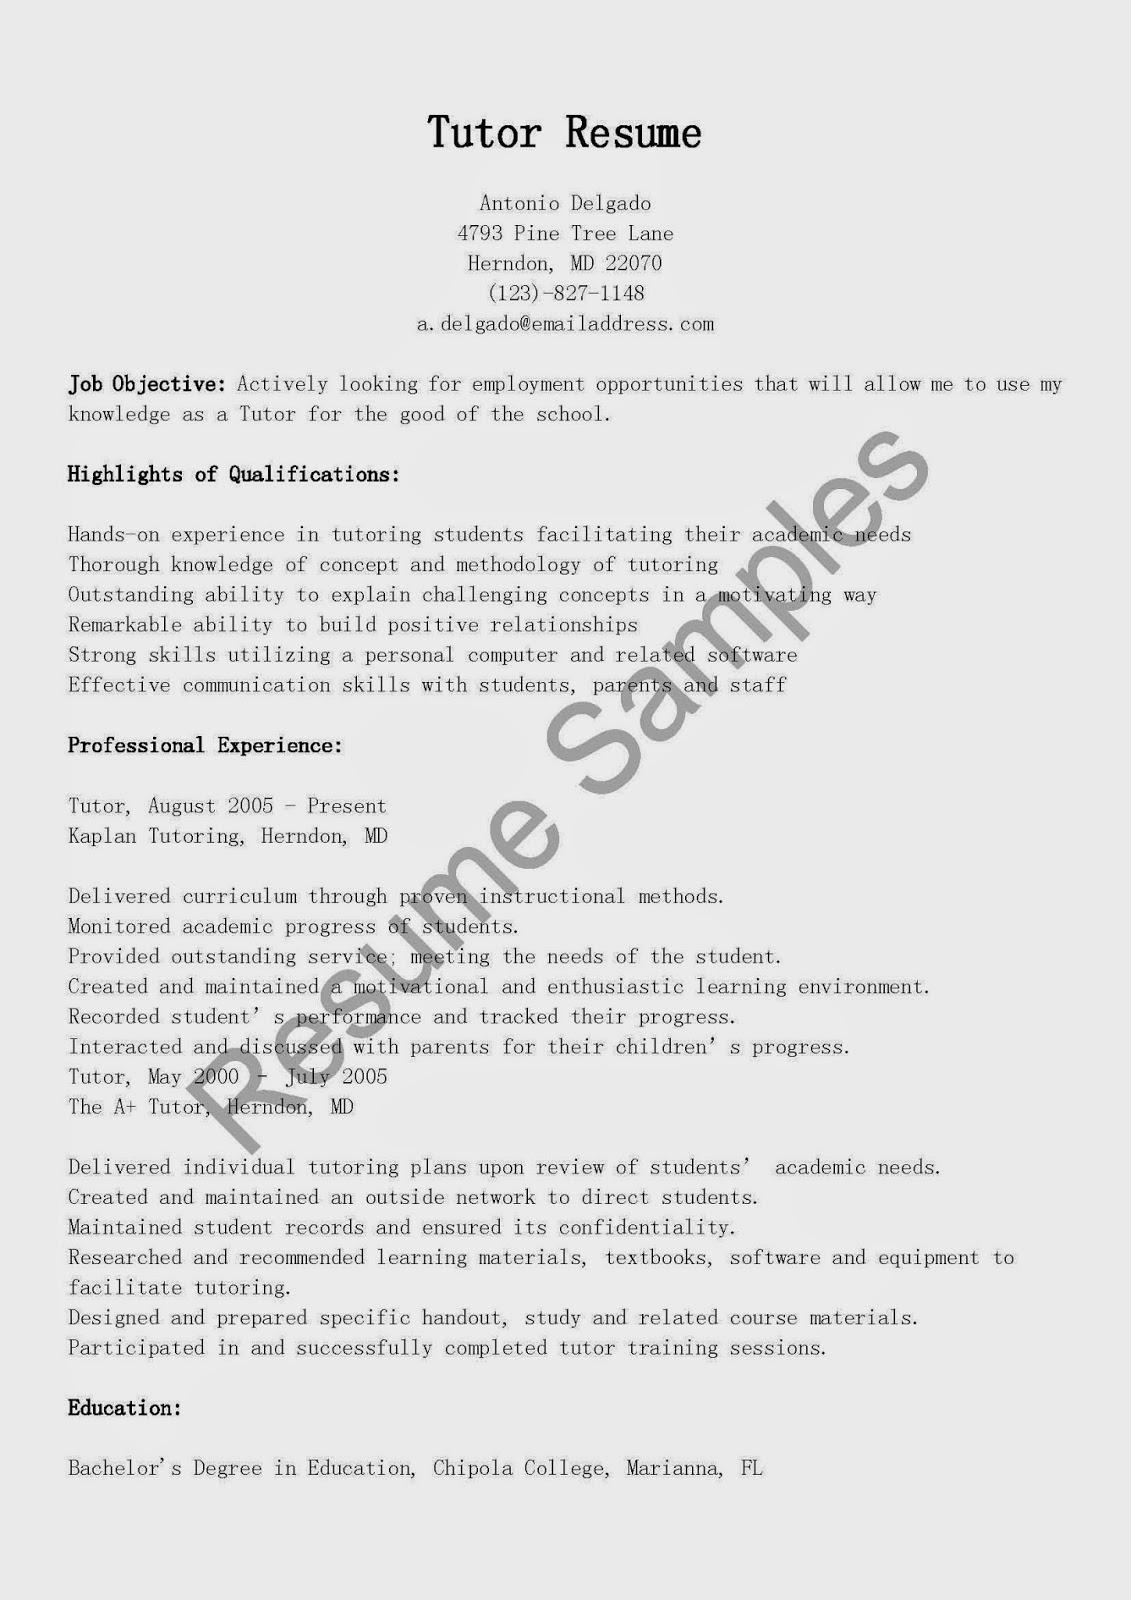 Sample Tutor Resume Tutor Resume Sample College Math Teacher Sle – Math Tutor Resume